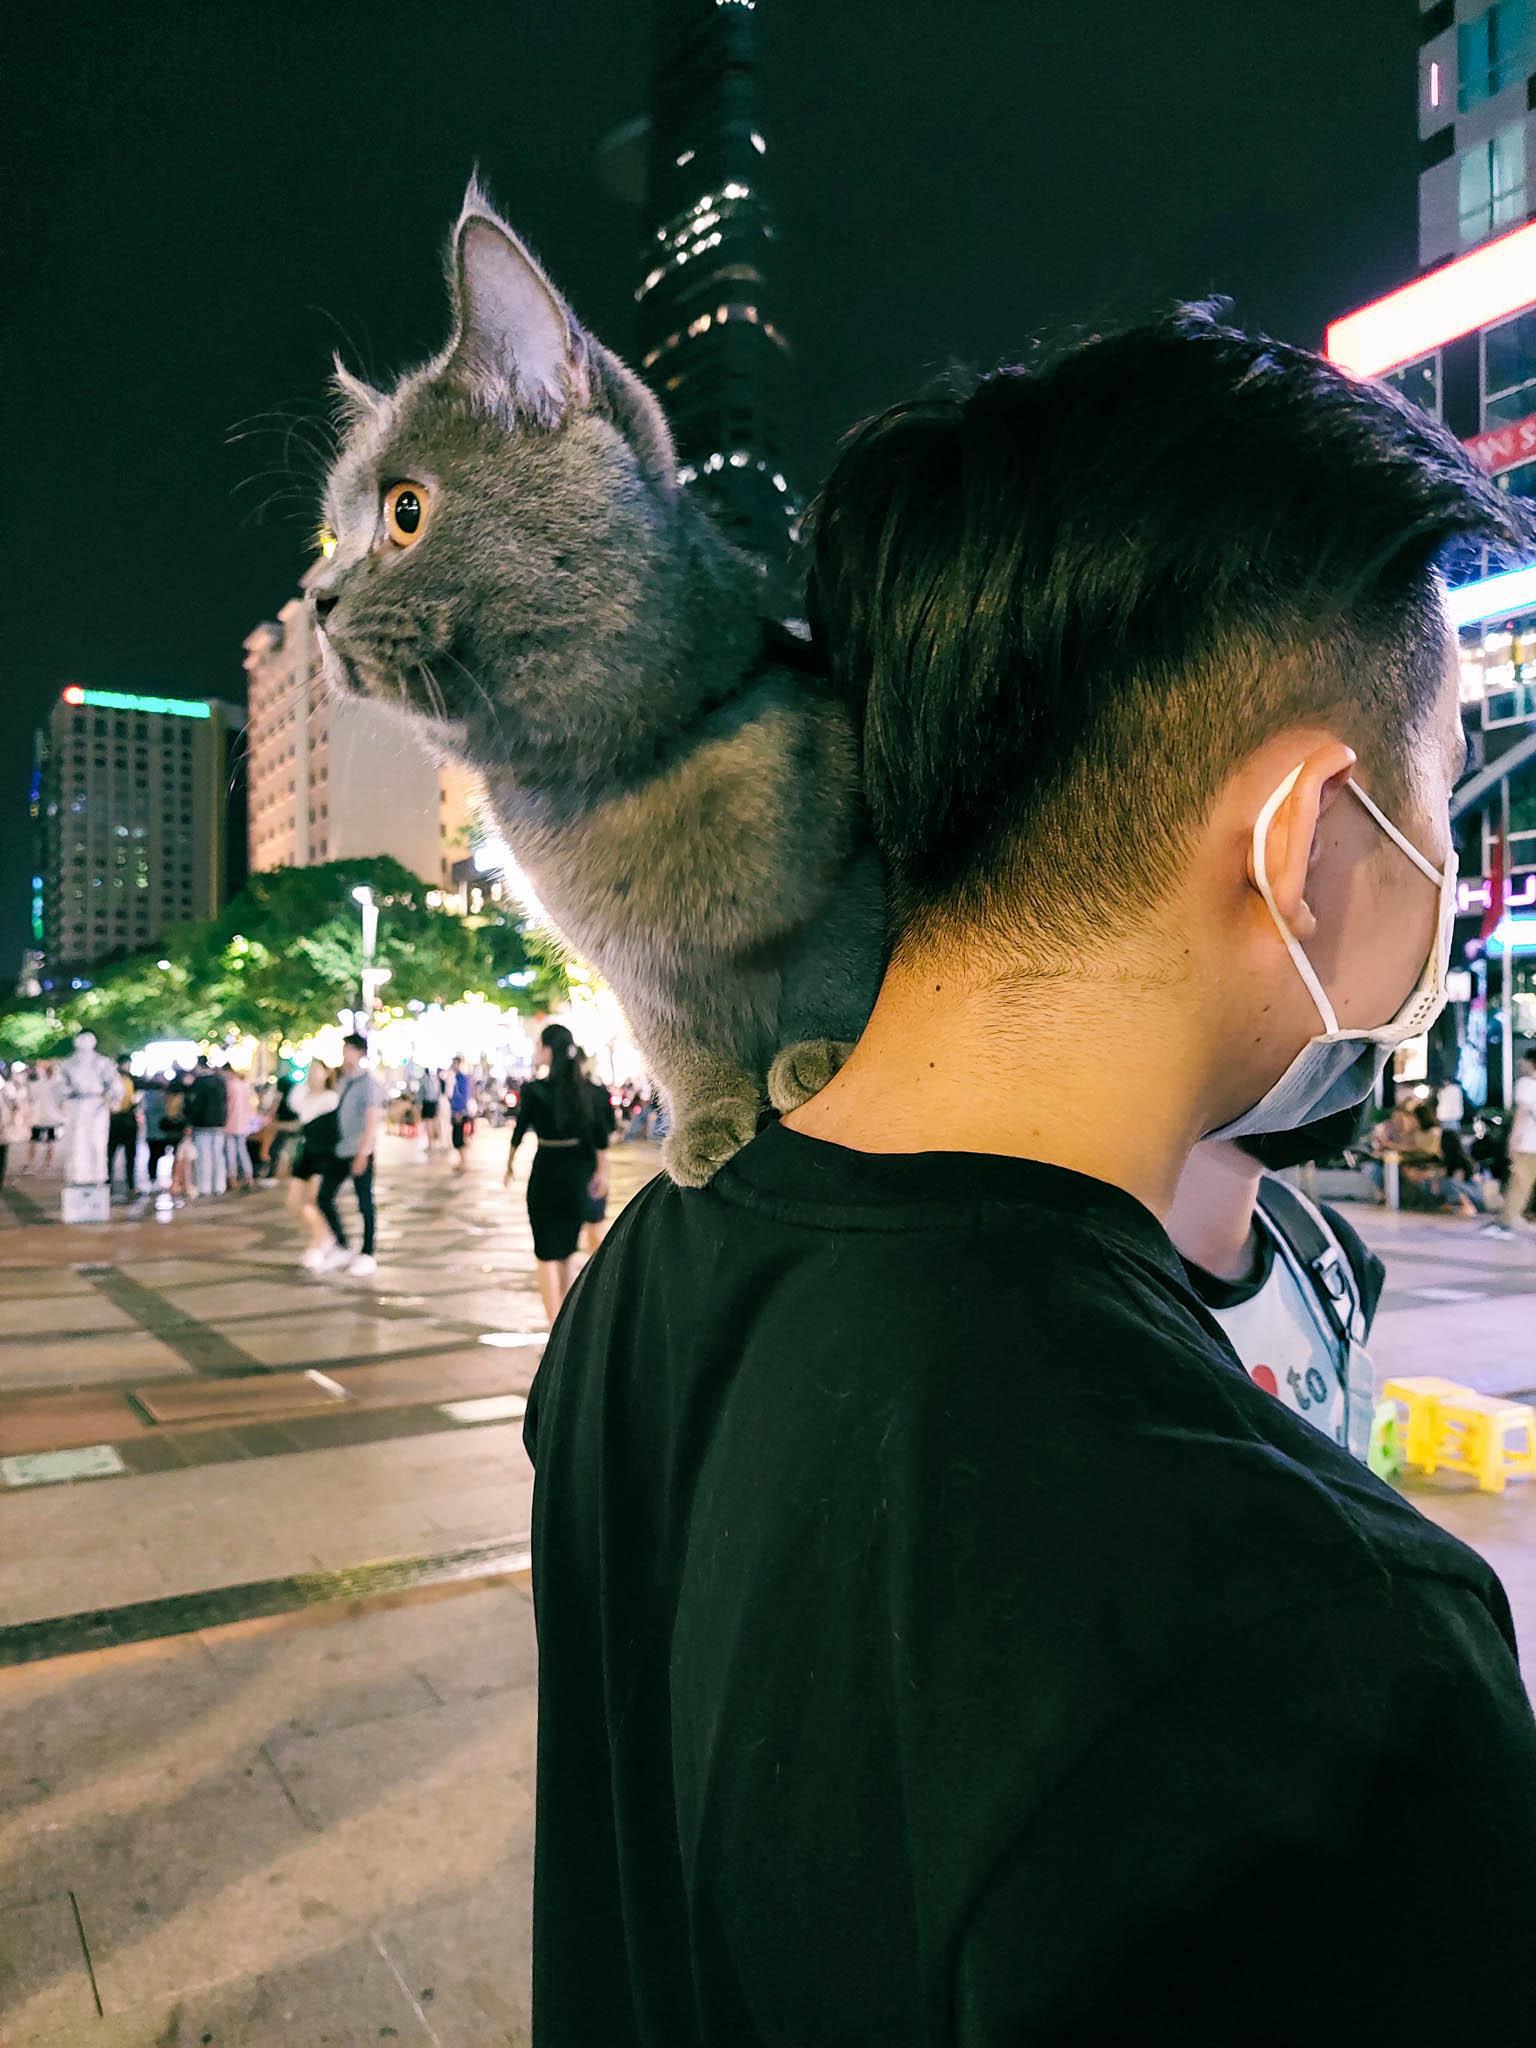 Sài Gòn - thành phố không ngủ qua ống kính Galaxy A72 - Ảnh 8.